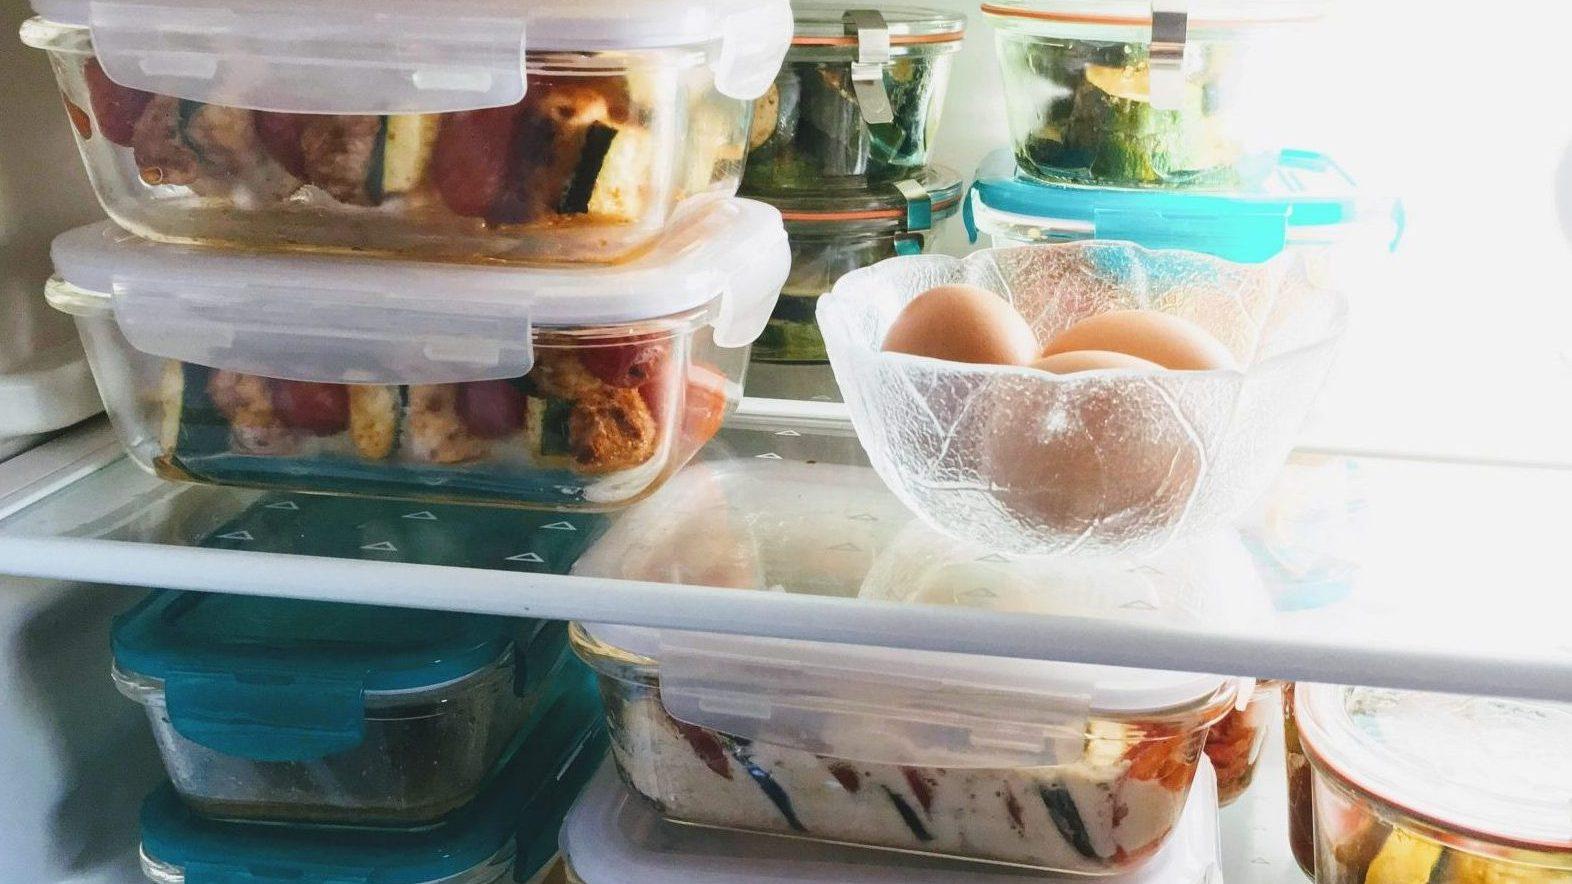 Die wichtigsten Regeln zur Haltbarkeit beim Meal preppen